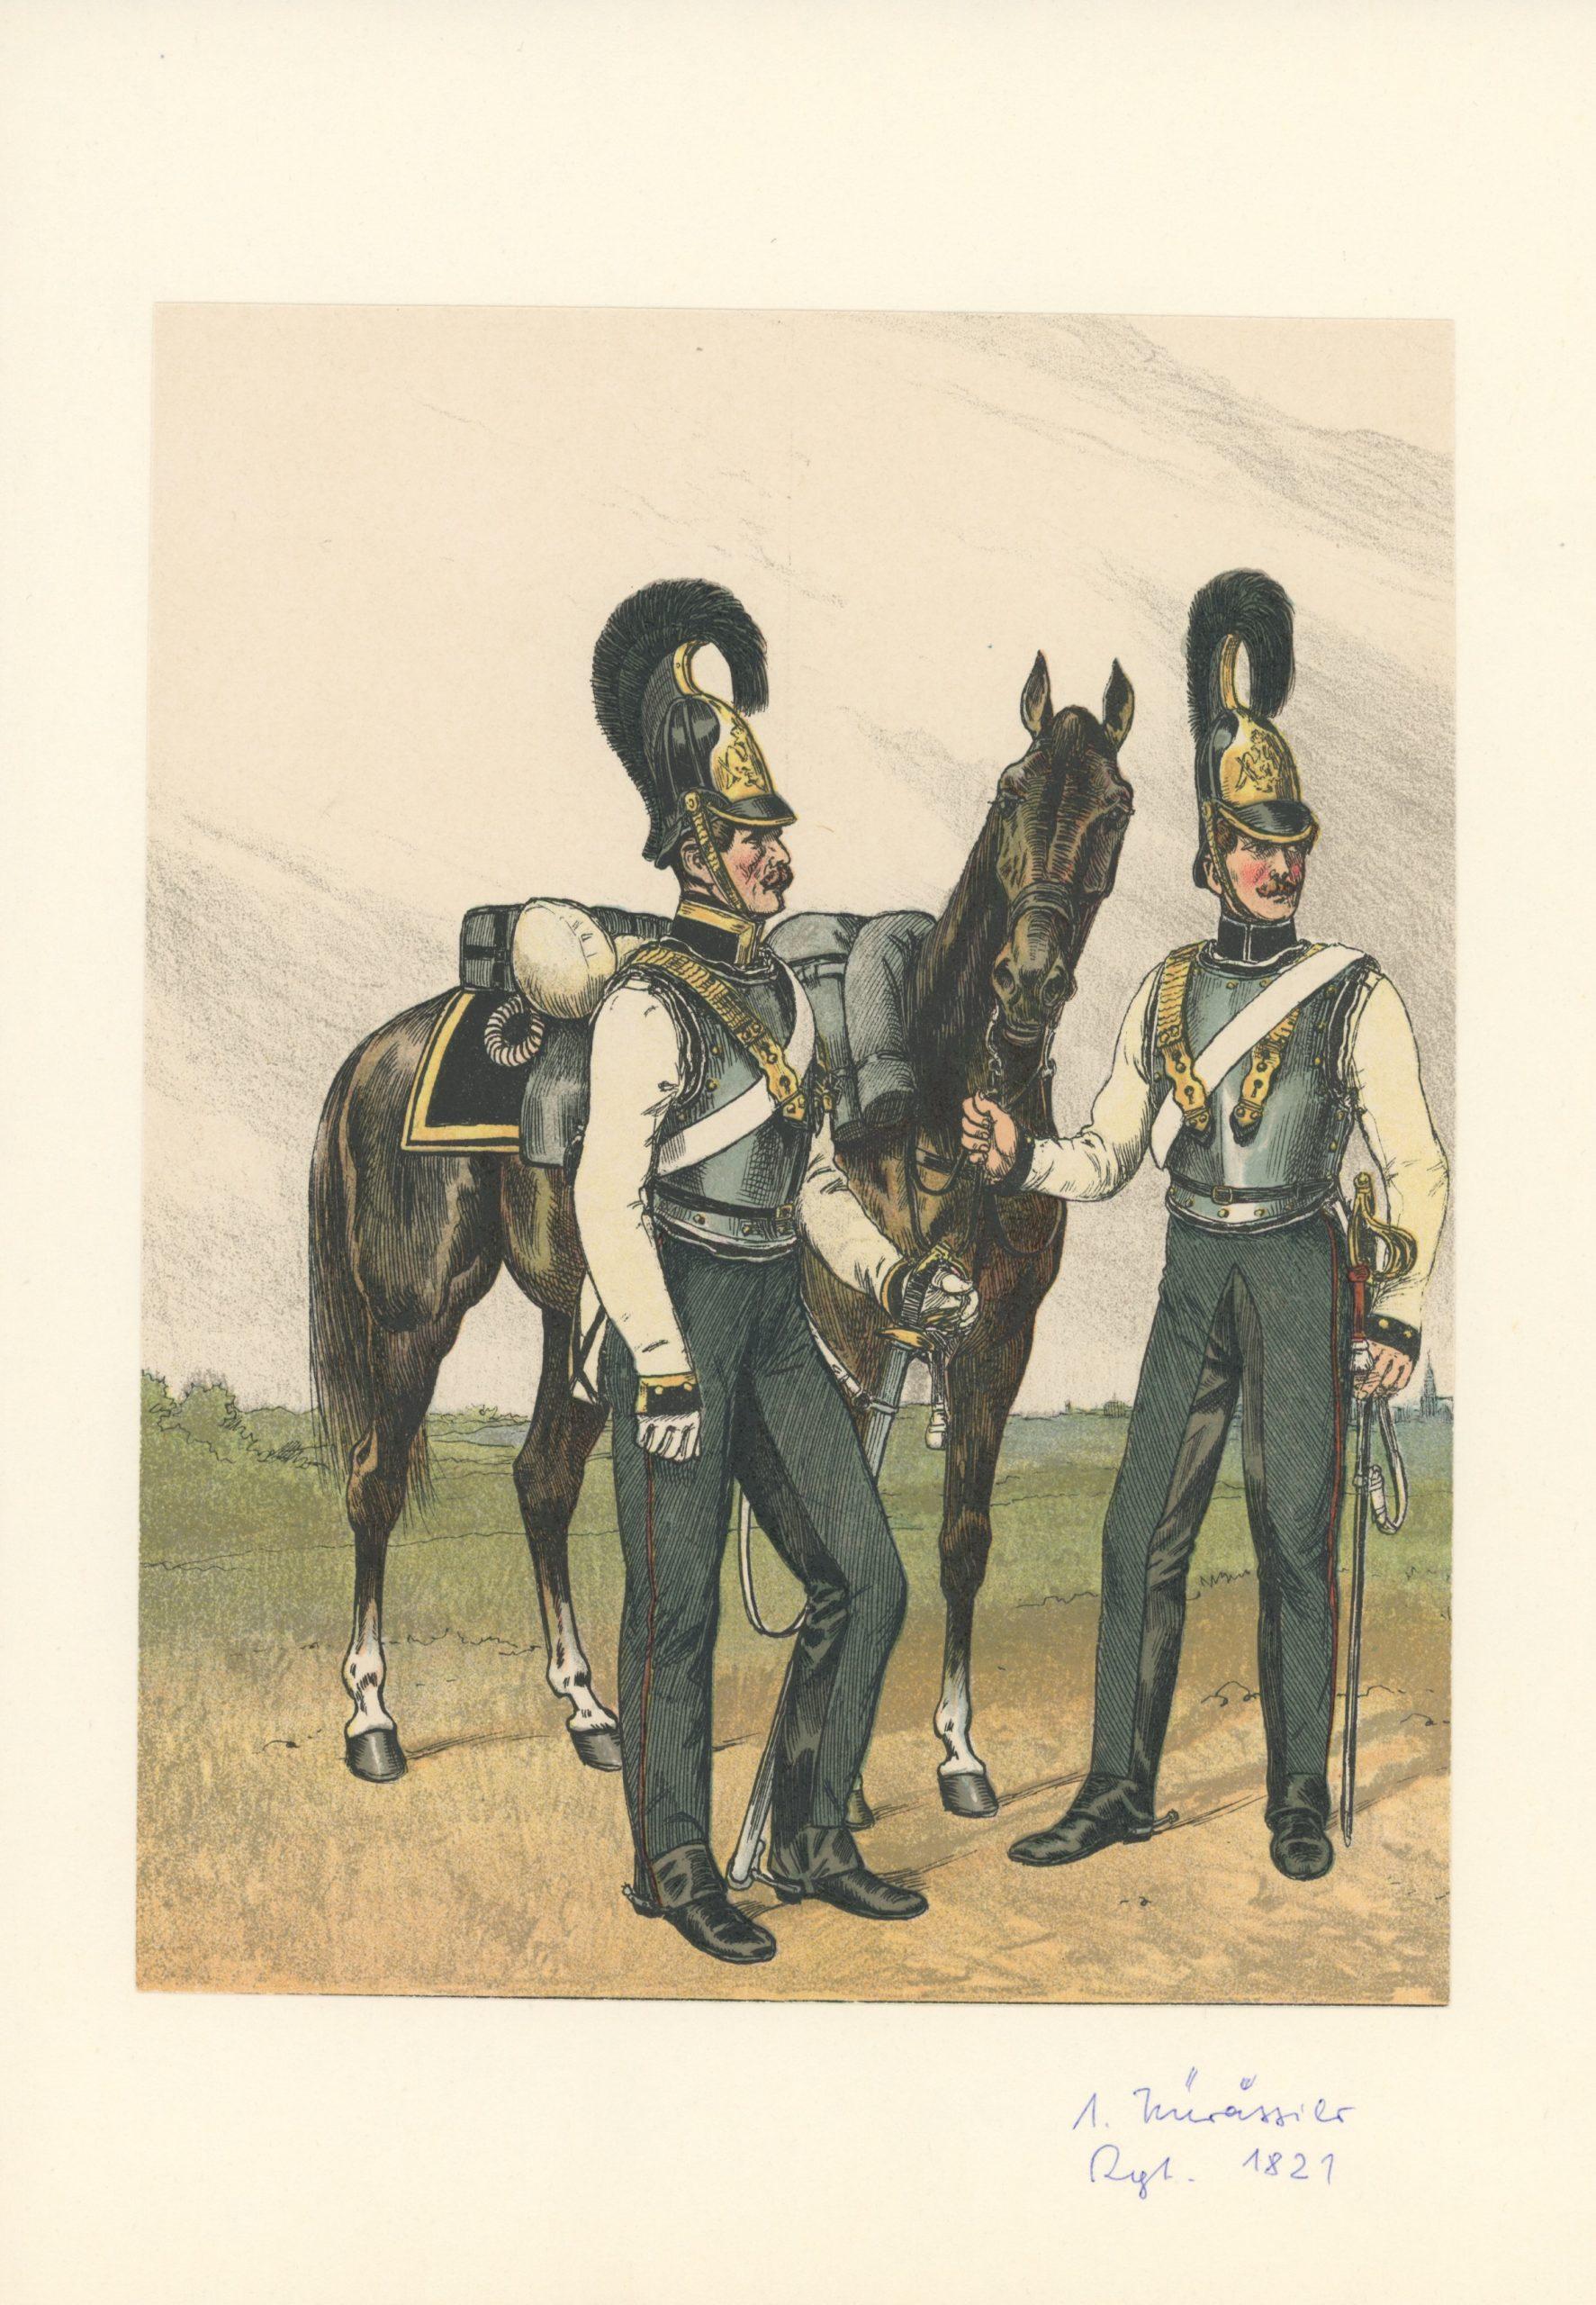 2 Planches Gravure - Illustration Richard Knötel - Cavalerie - Cuirassier Prussien - Kuirassier 1821 - Uniforme - Kuirassier